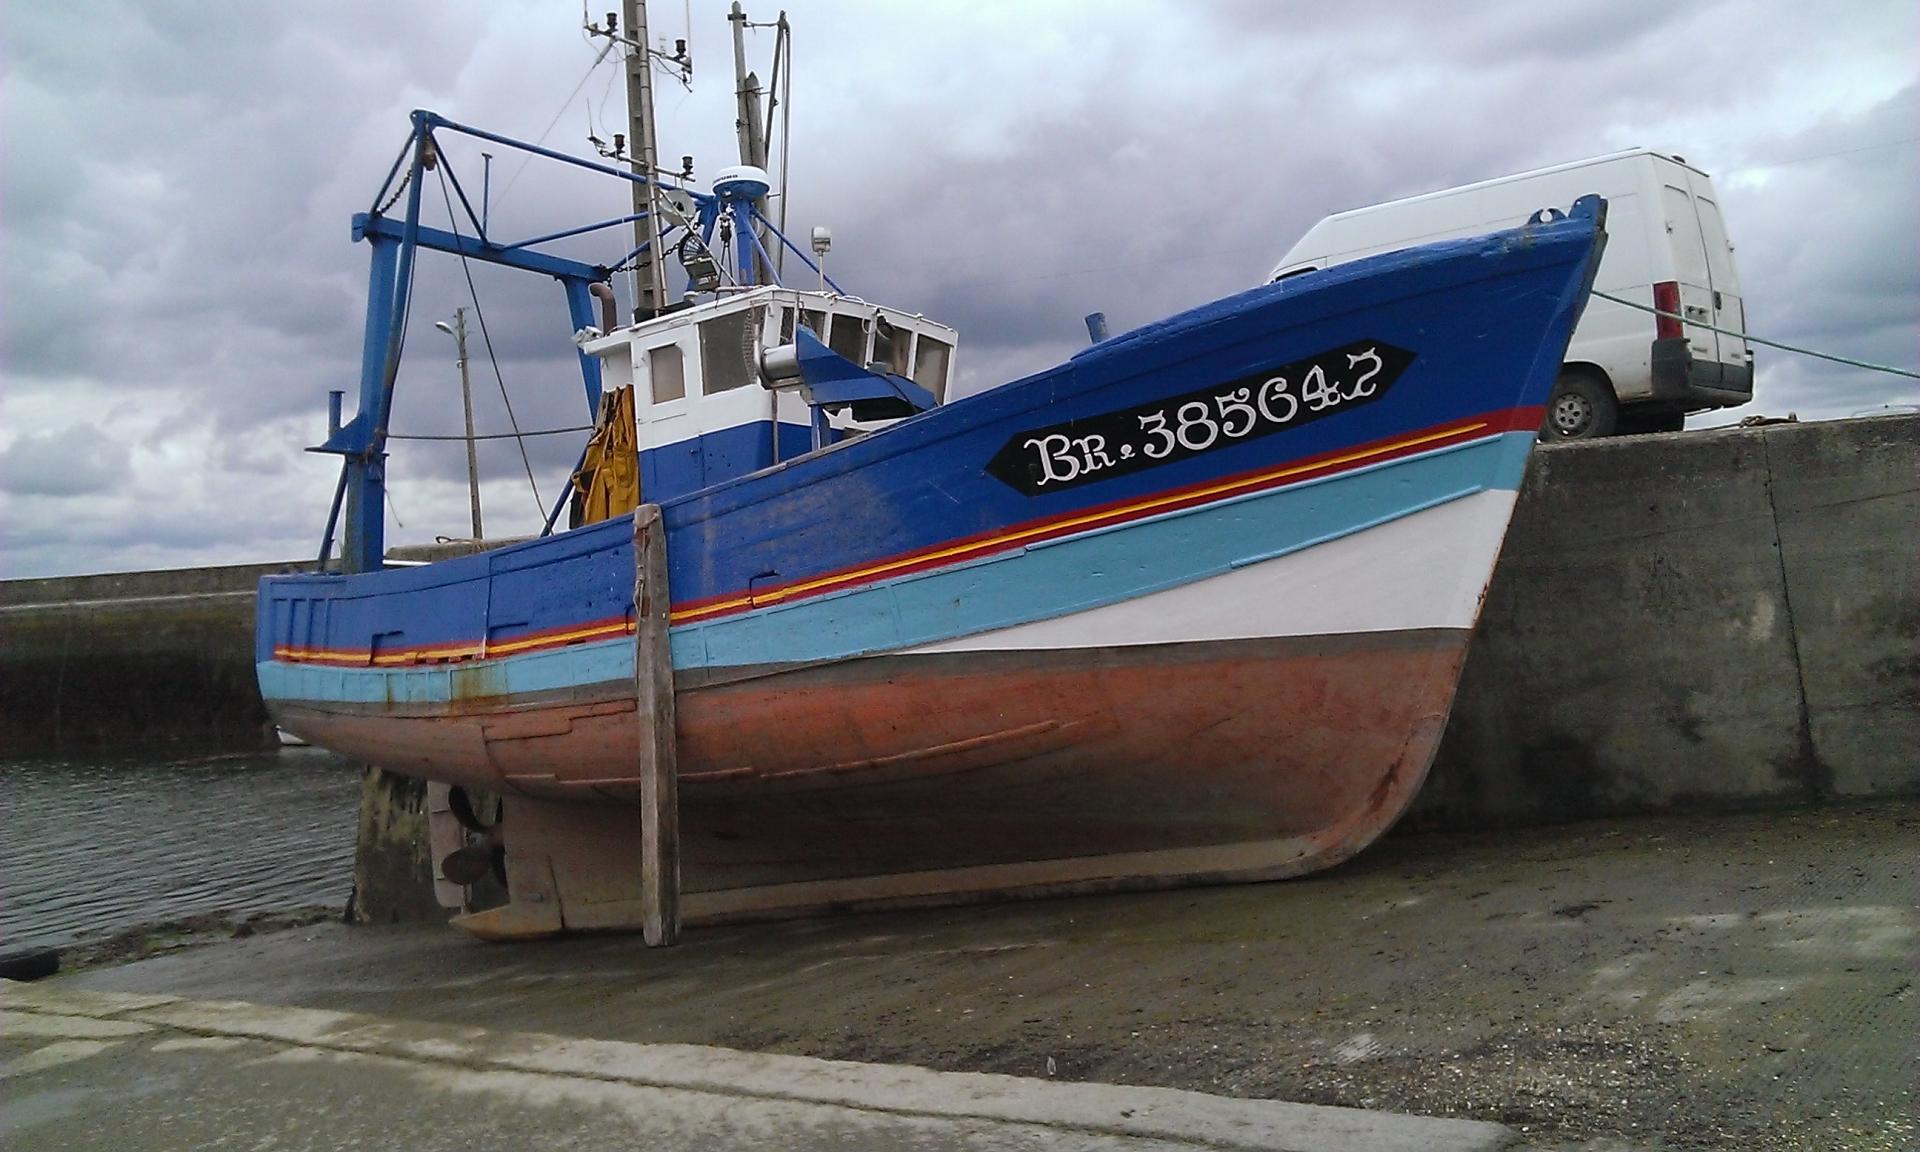 ALDEBARAN (BR385647)